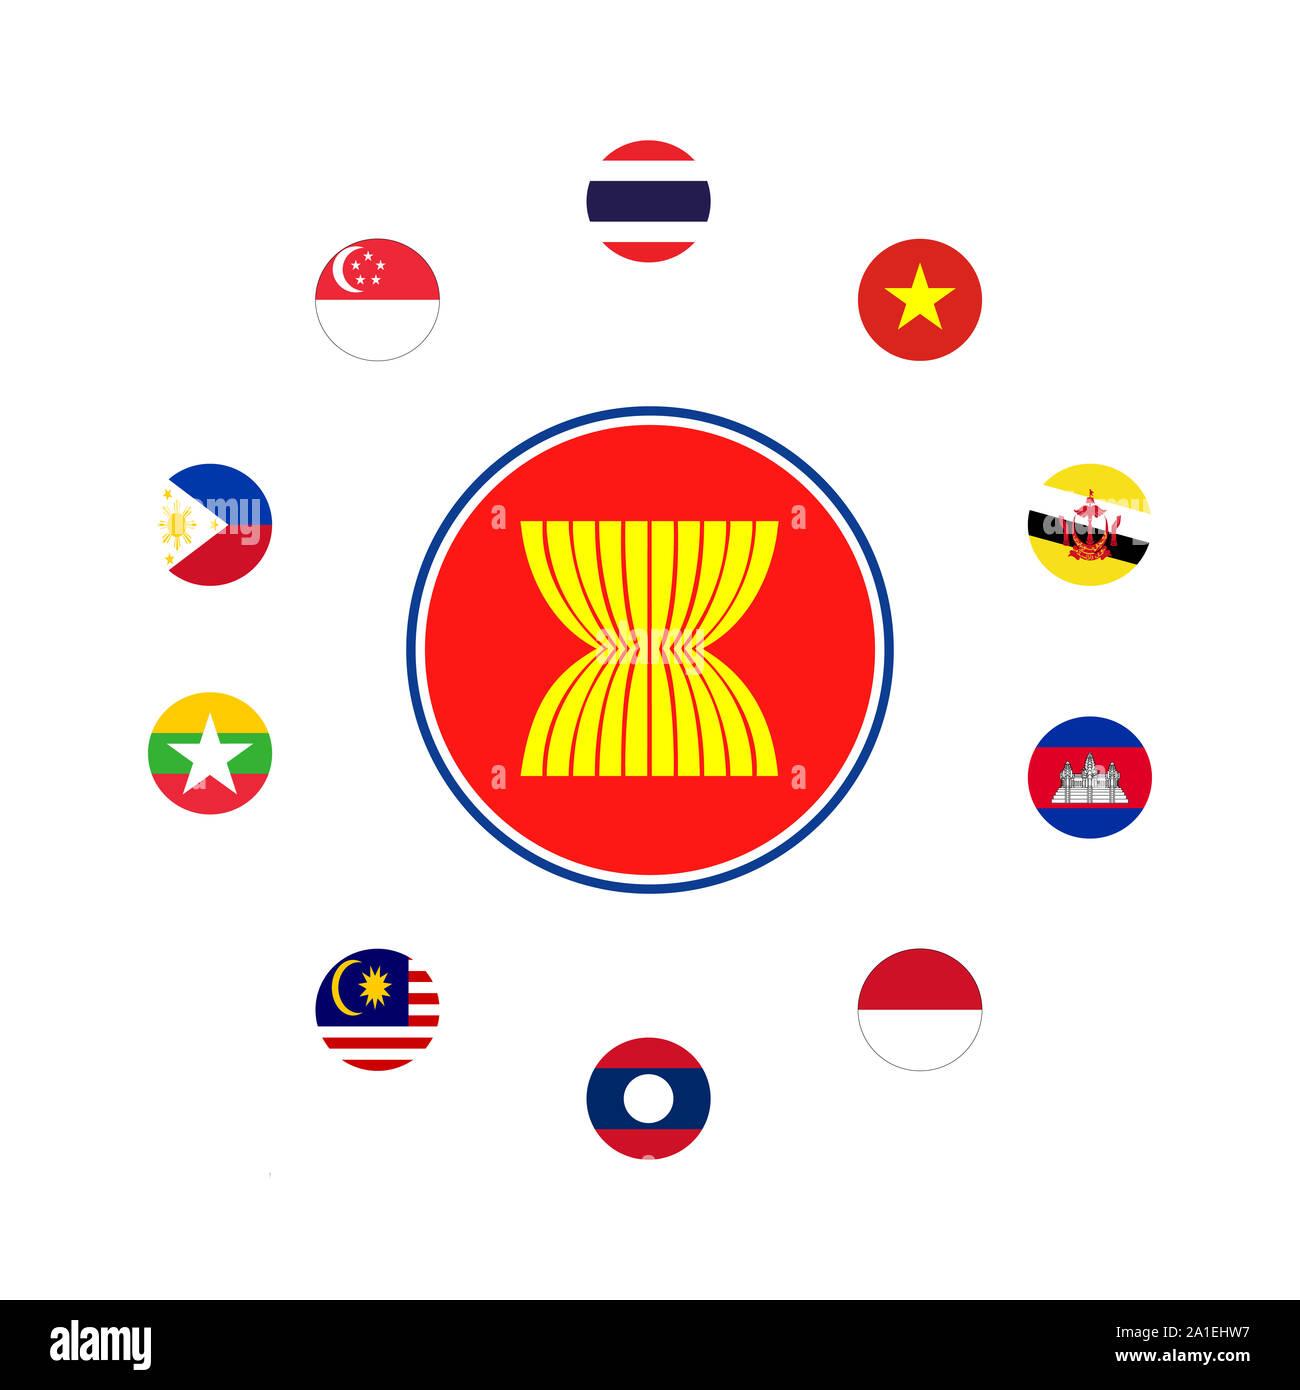 Nouveauté thaïlande thai drapeau pays national photo aimant de réfrigérateur